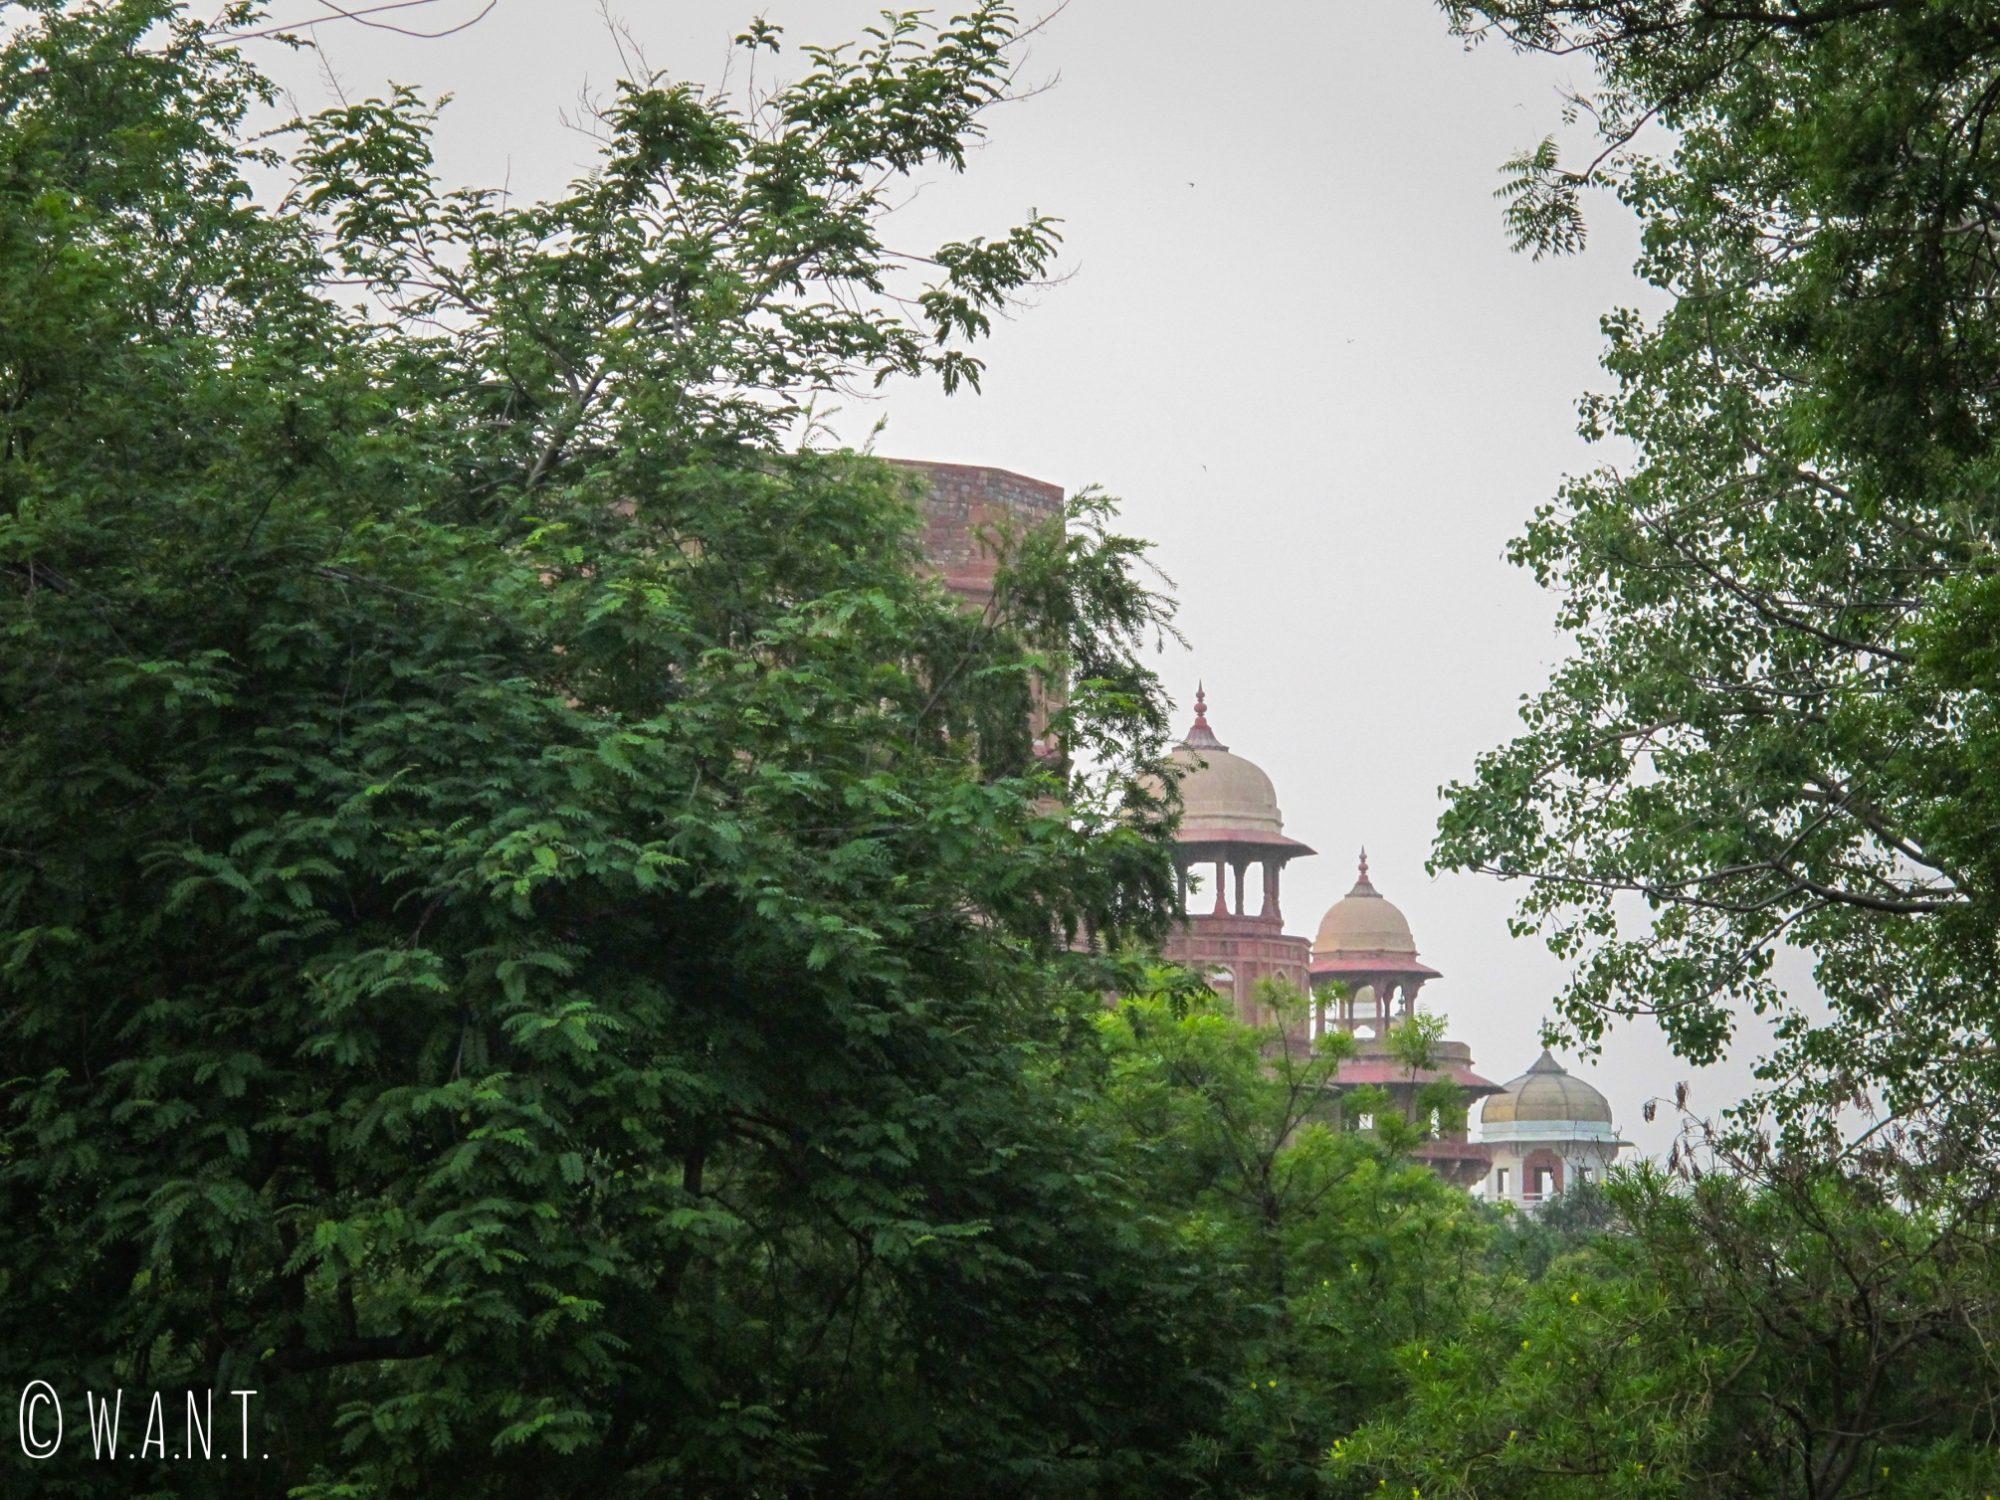 Les environs du Fort d'Agra sont très boisés, nous aperçevons seulement le haut de sa muraille